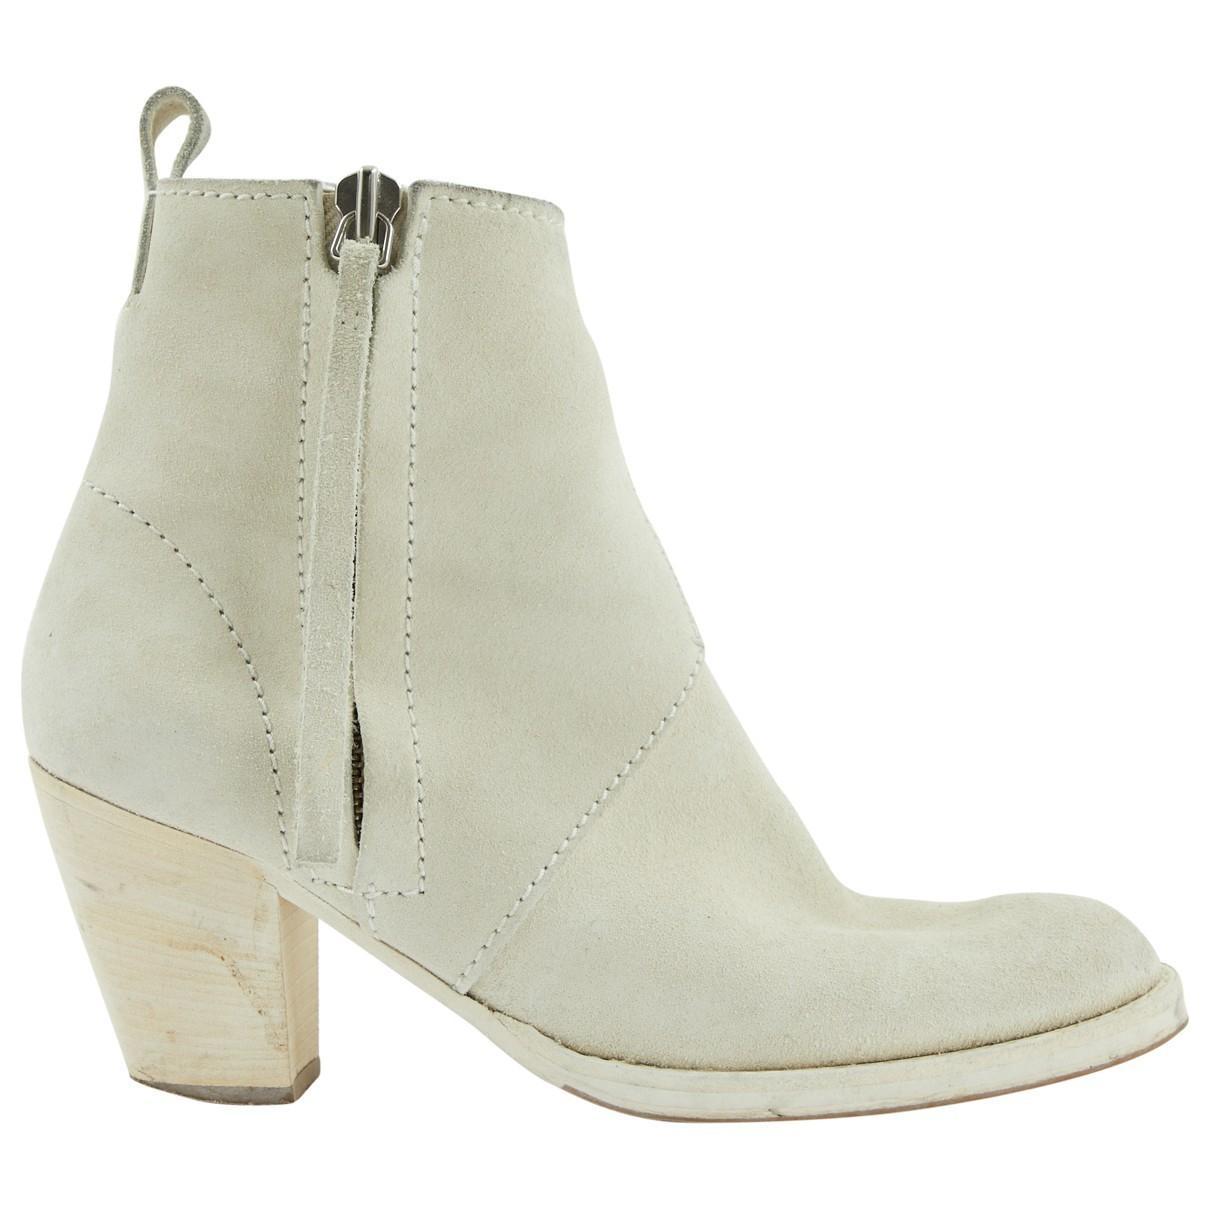 e69f1b38e85a Lyst - Acne Studios Pistol White Suede Ankle Boots in White